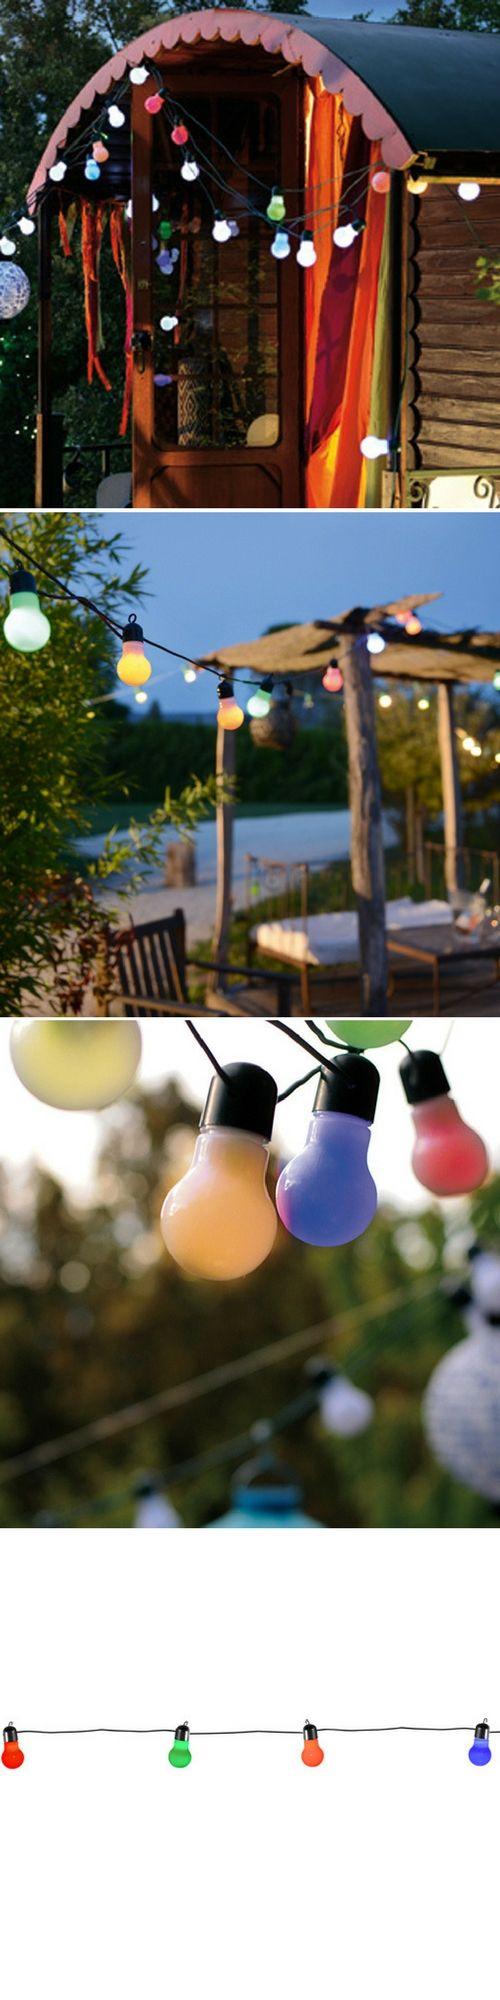 Une jolie guirlande lumineuse pour l'extérieur, le jardin, la terrasse ou le balcon, style guinguette  Guirlande lumineuse ginguette 15 lampes couleur 45 led Blachère